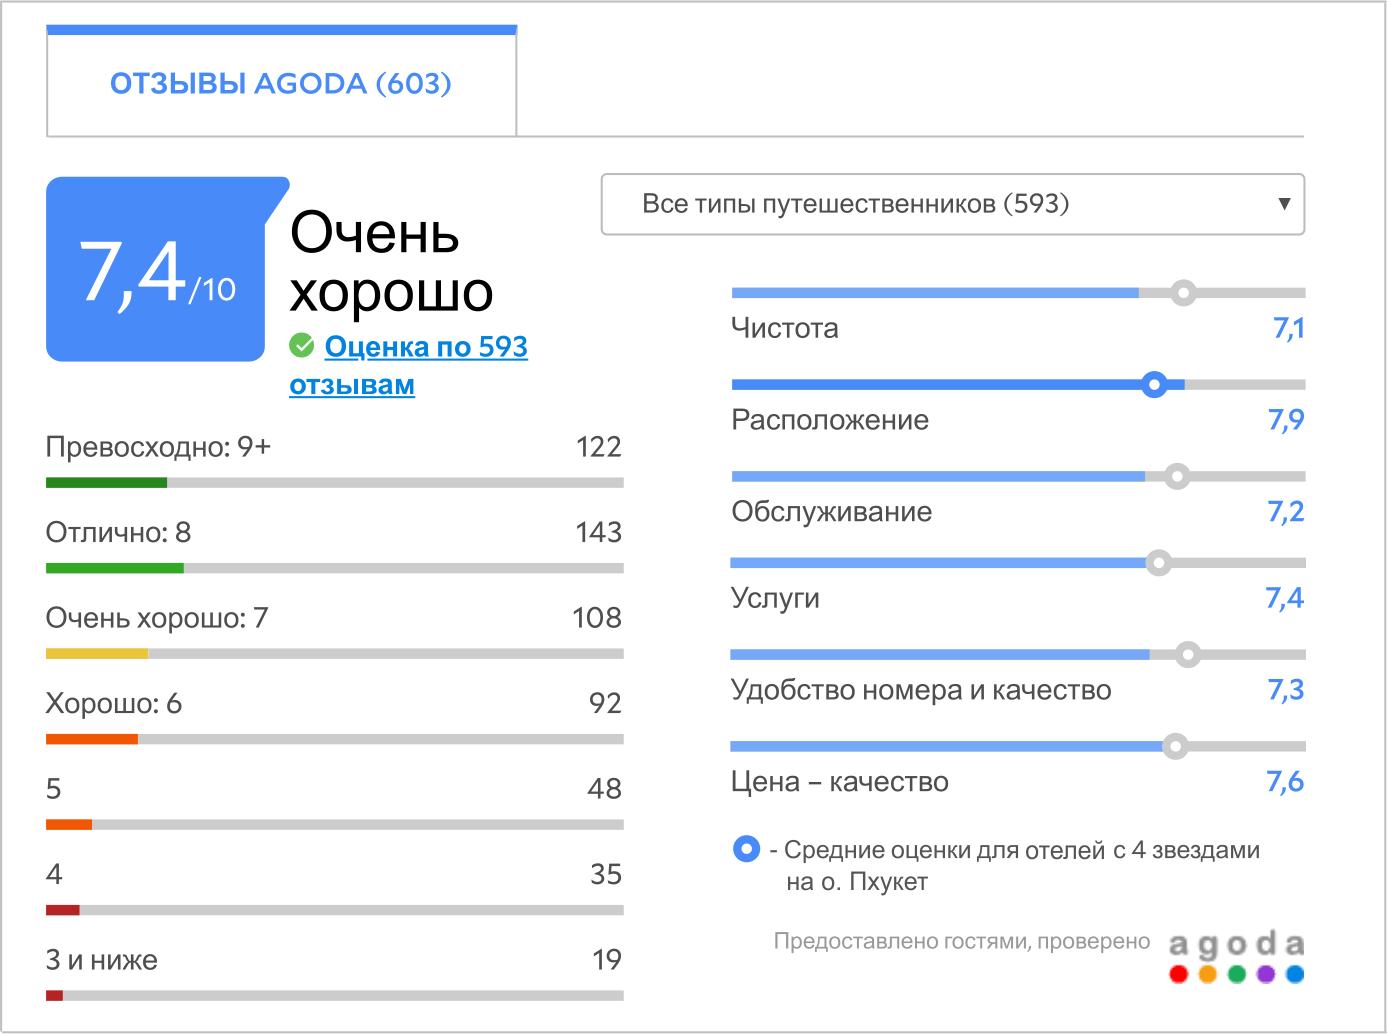 Таблица с отзывами об отеле Пхукет Орхид Резорт